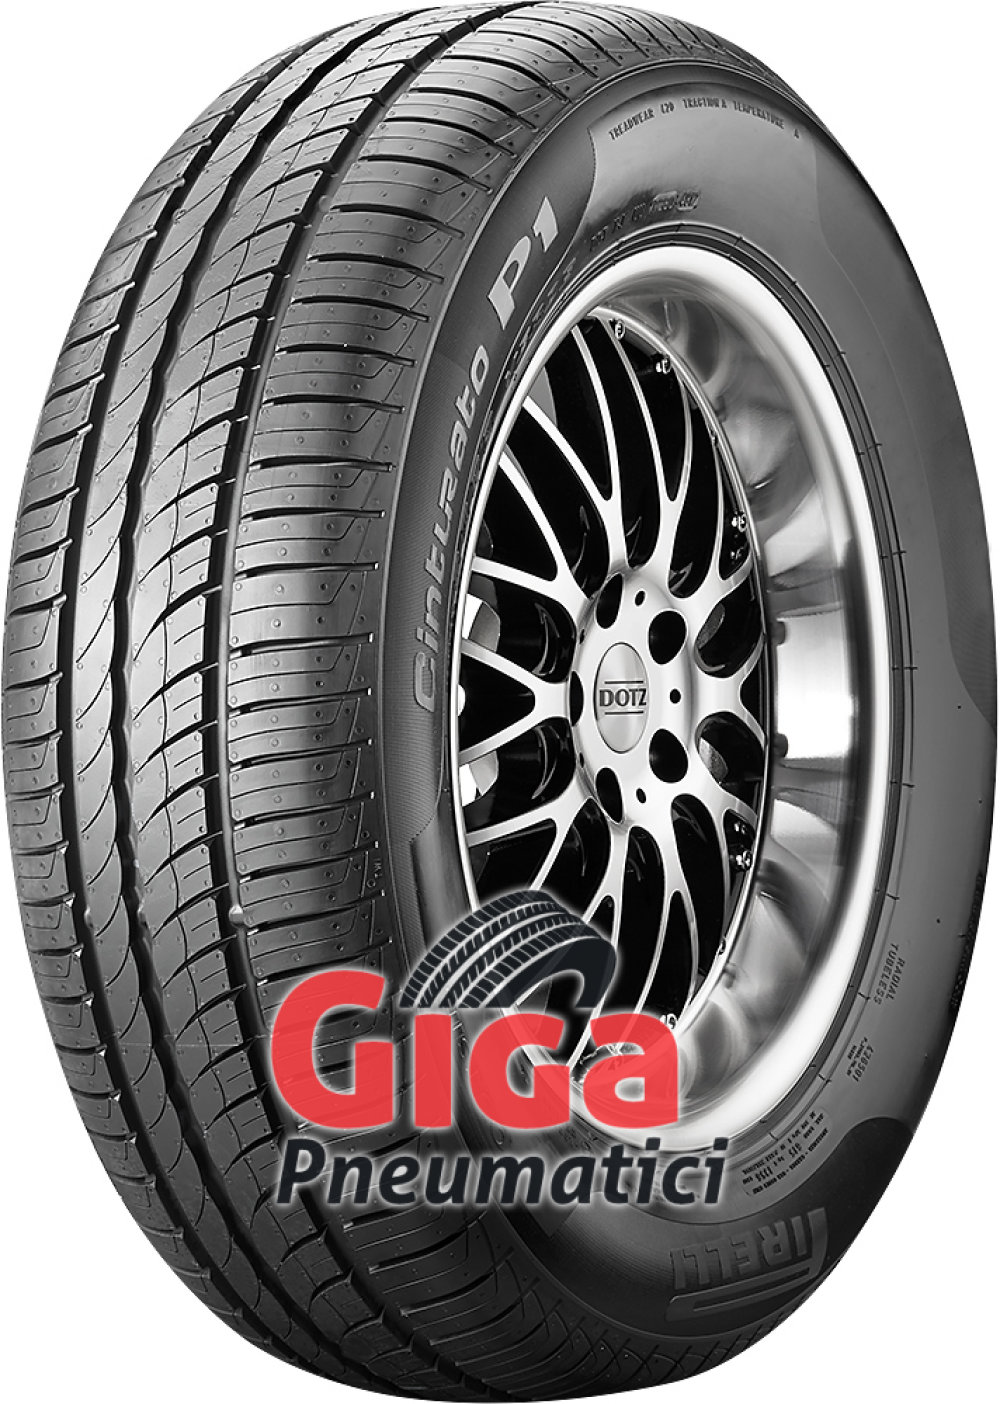 Pirelli Cinturato P1 Verde ( 195/55 R15 85V ECOIMPACT )